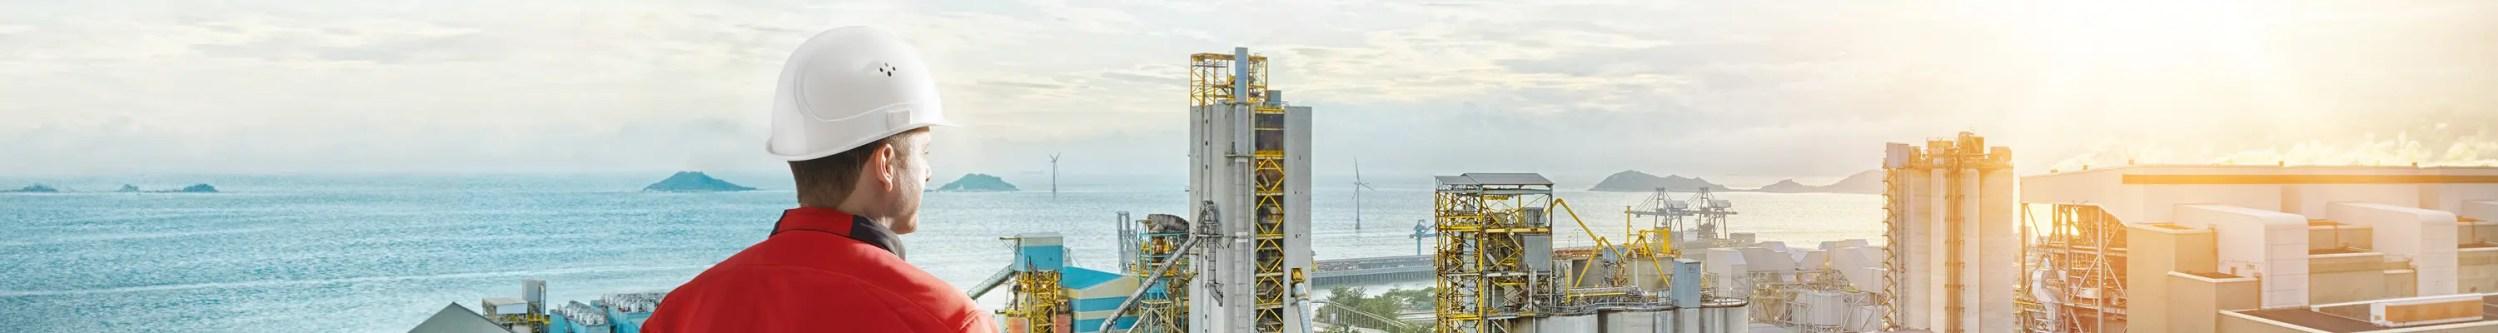 Anlagenbau & Industrial Service